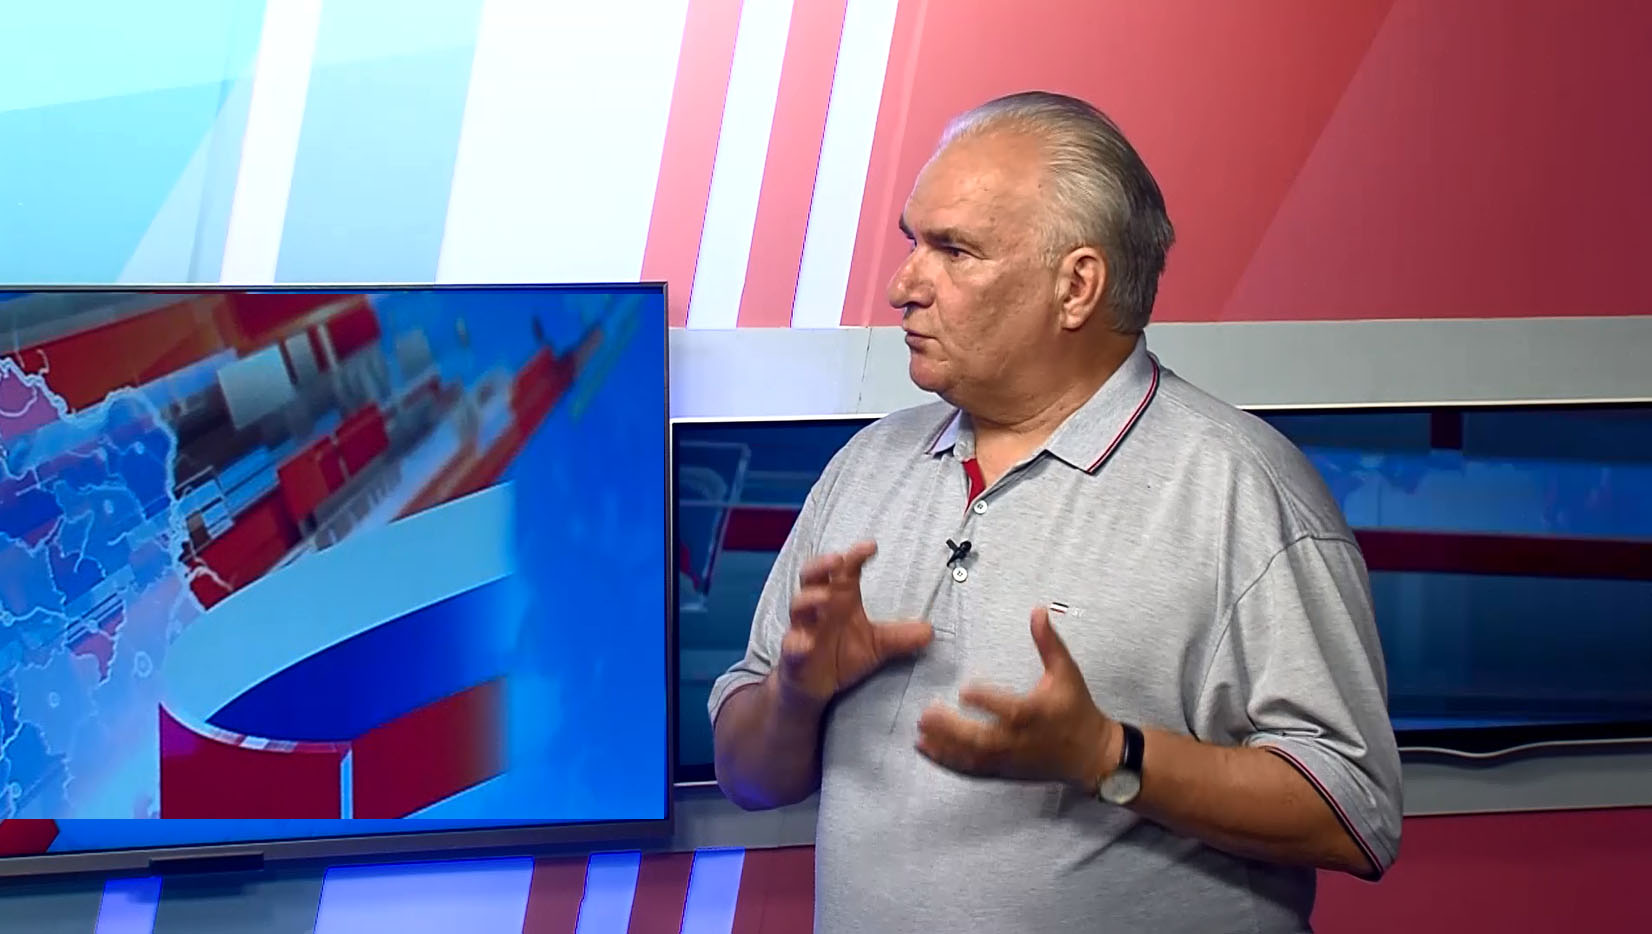 Игорь Ямщиков: государство обязано уделять особое внимание гражданам, доходы которых напрямую зависят от государства